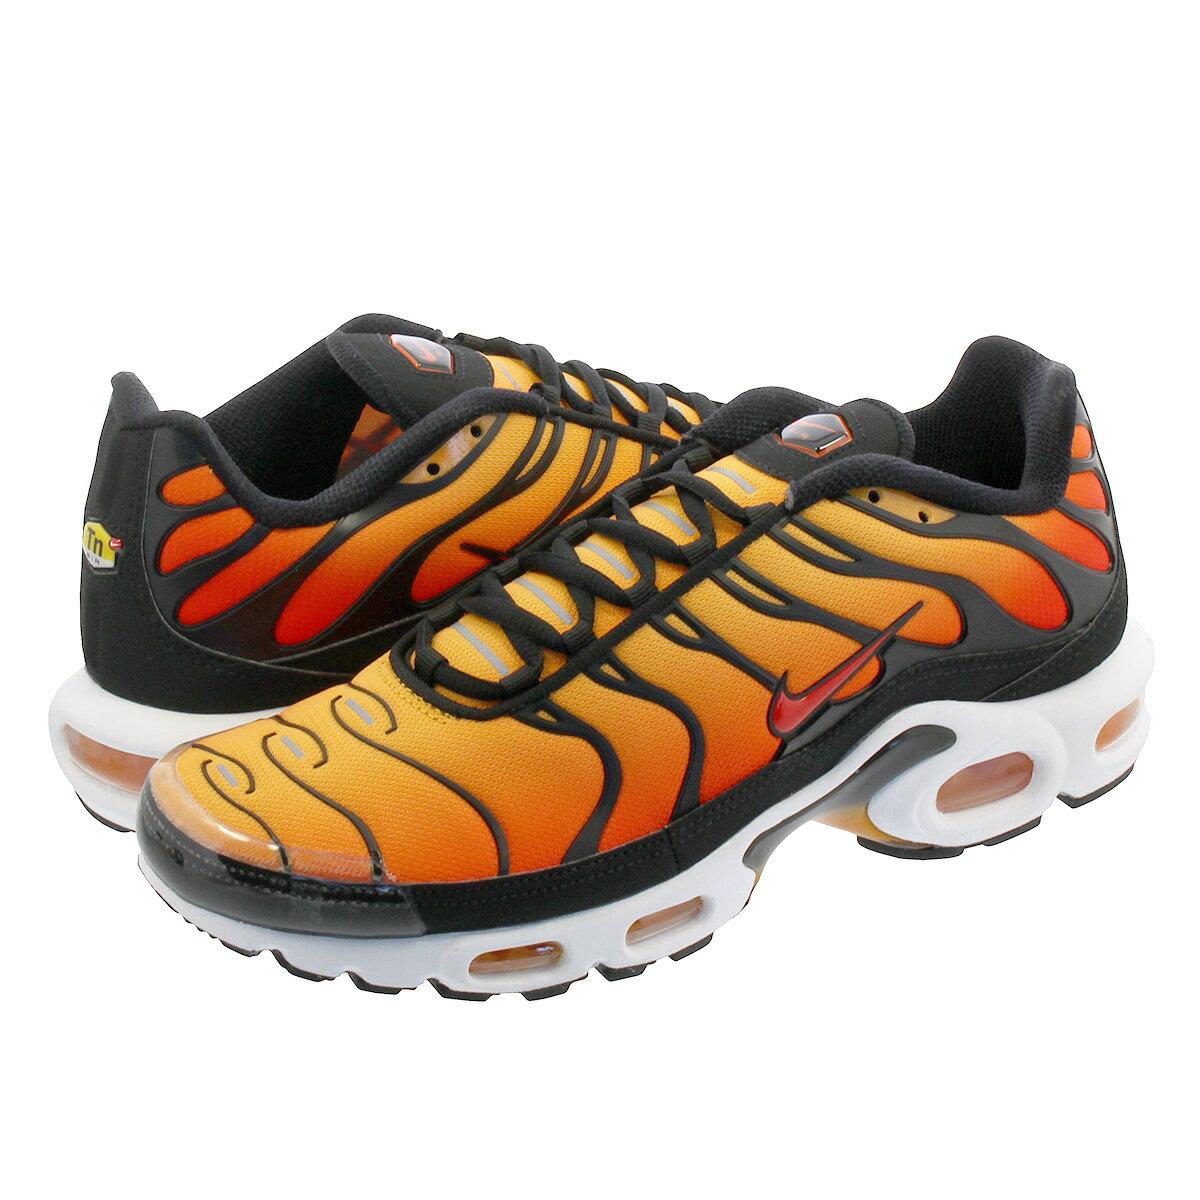 メンズ靴, スニーカー  NIKE AIR MAX PLUS OG OG BLACKPIMENTOBRIGHT CERAMICRESIN